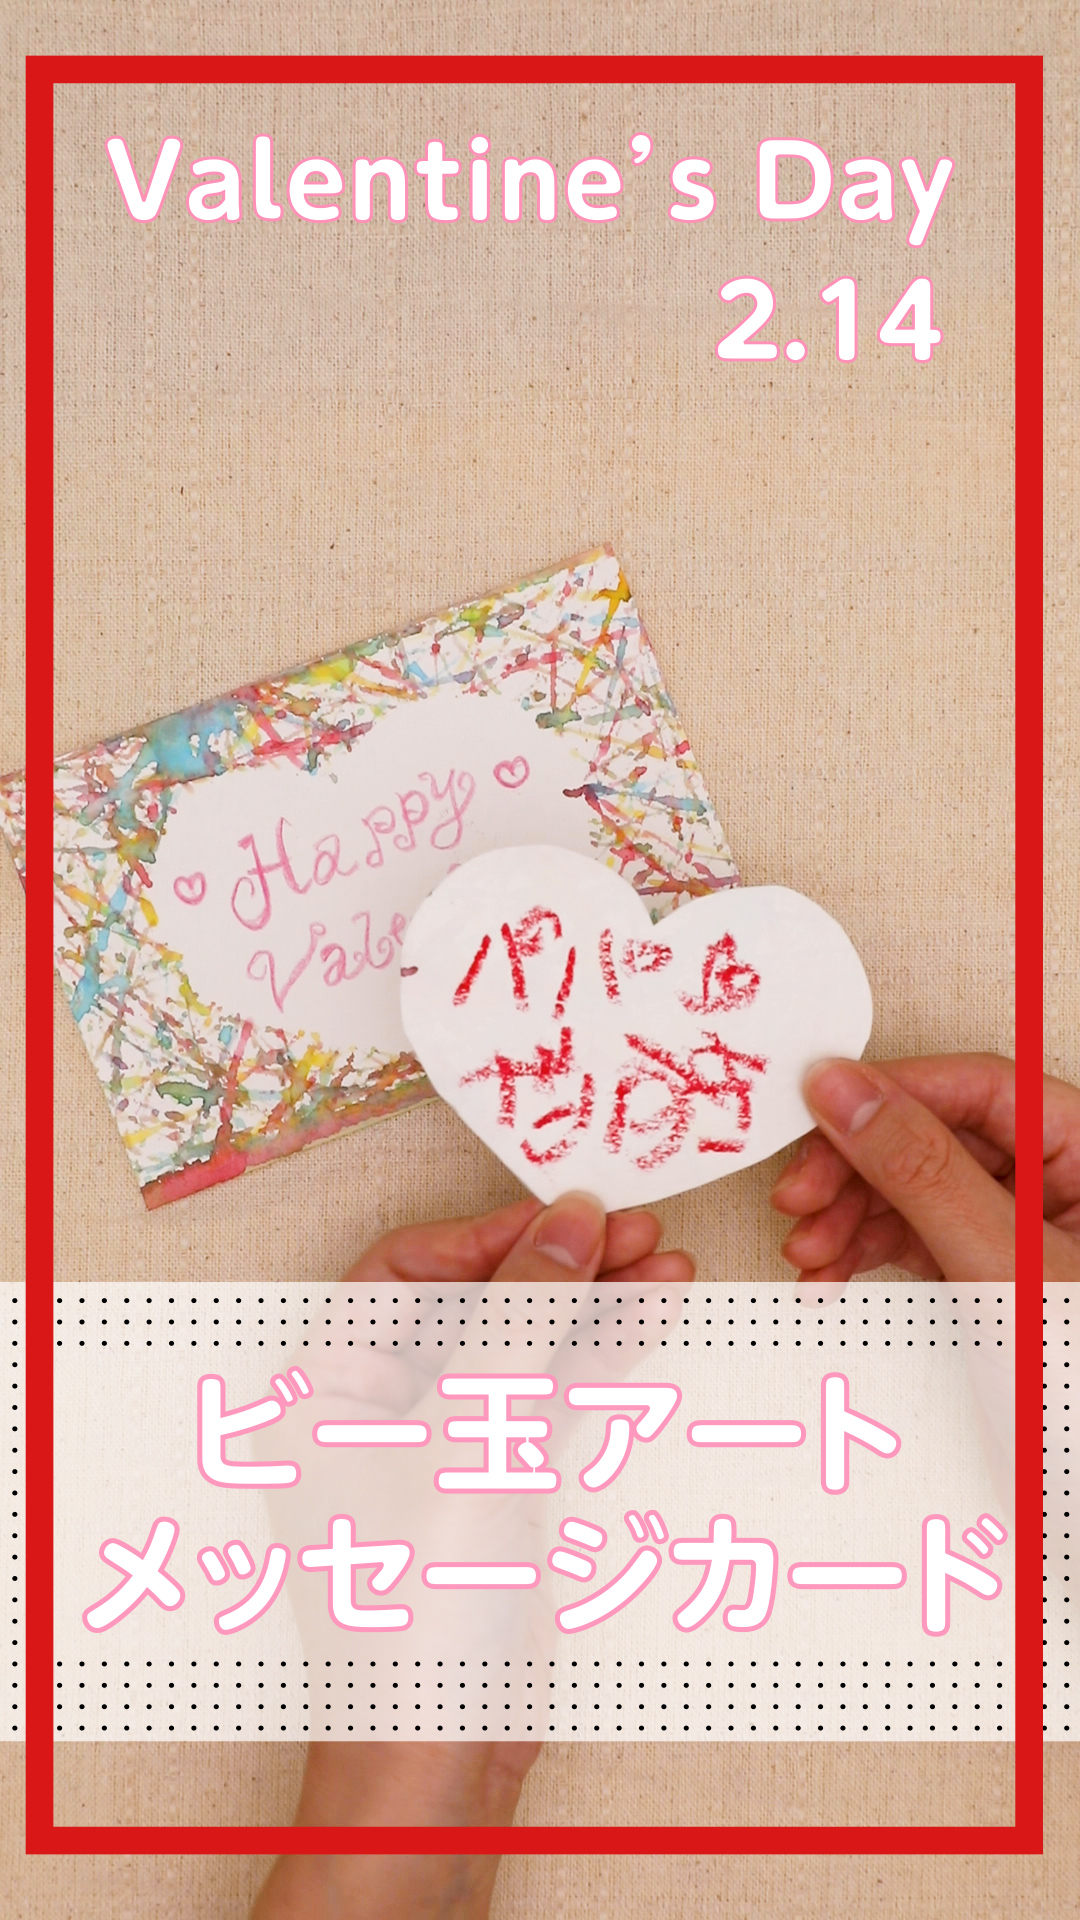 【動画】ビー玉アートメッセージカード Valentine's Day